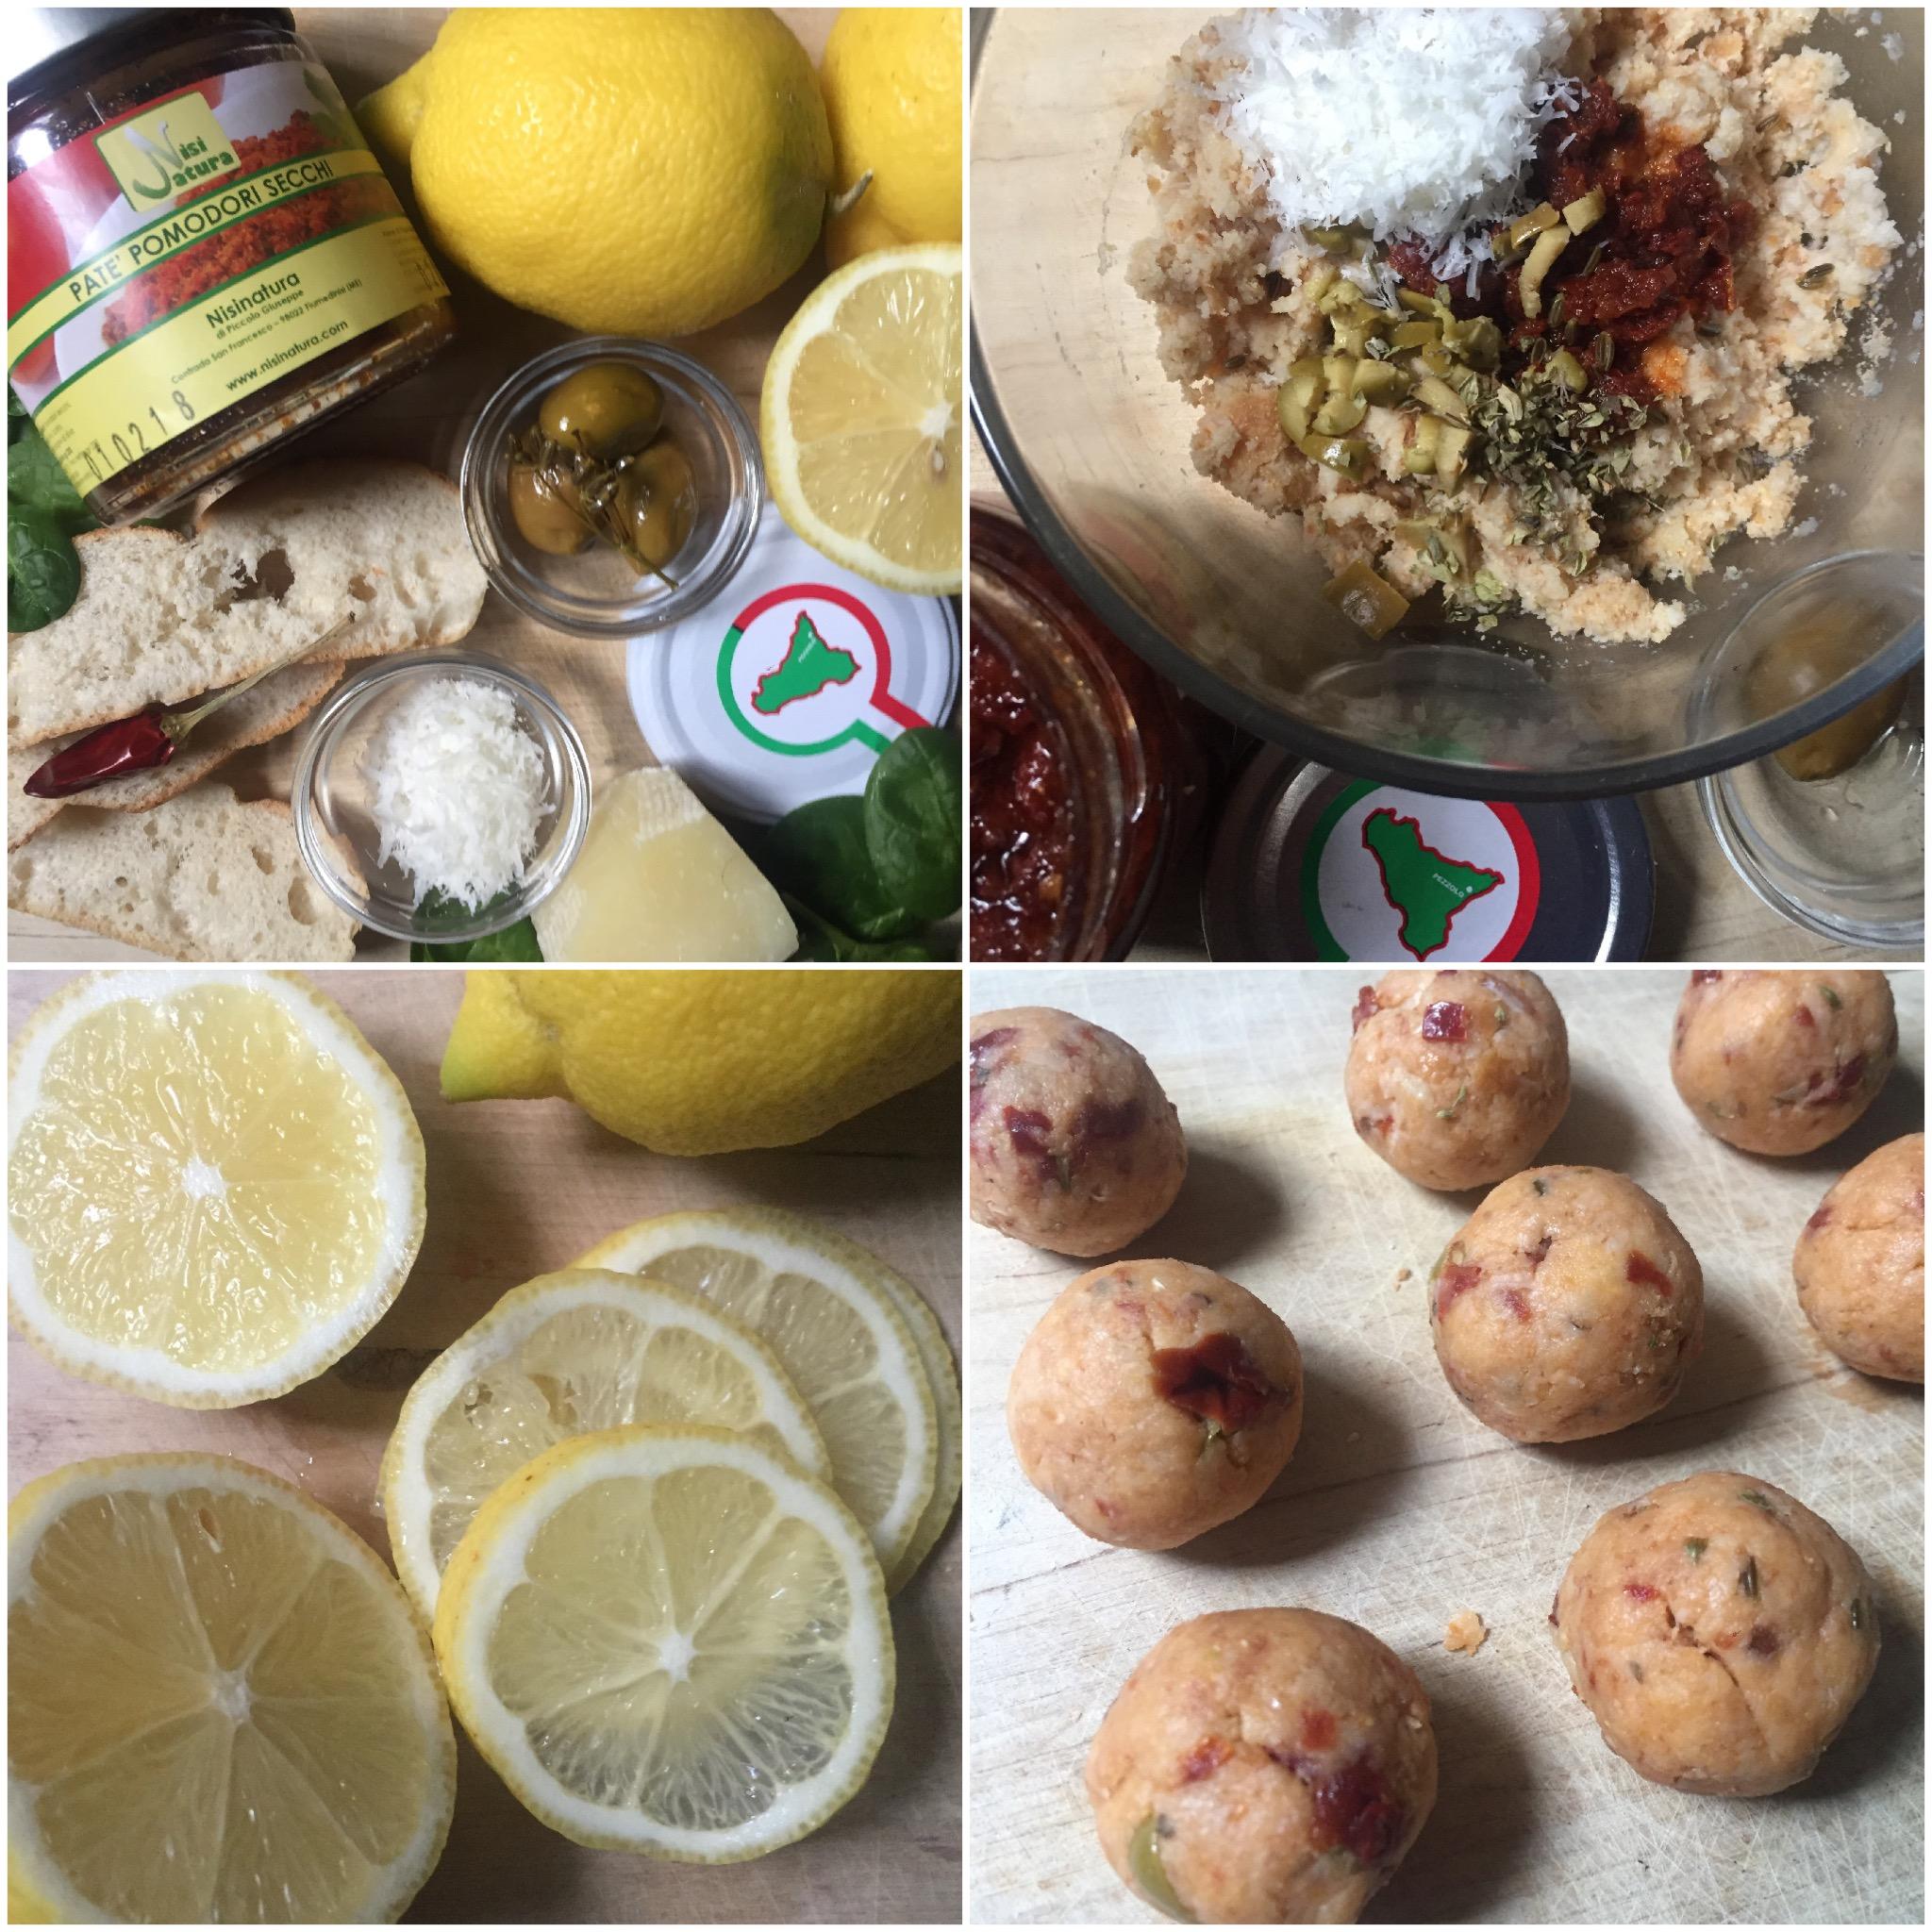 nsalata di limoni con polpette di pane cunzato